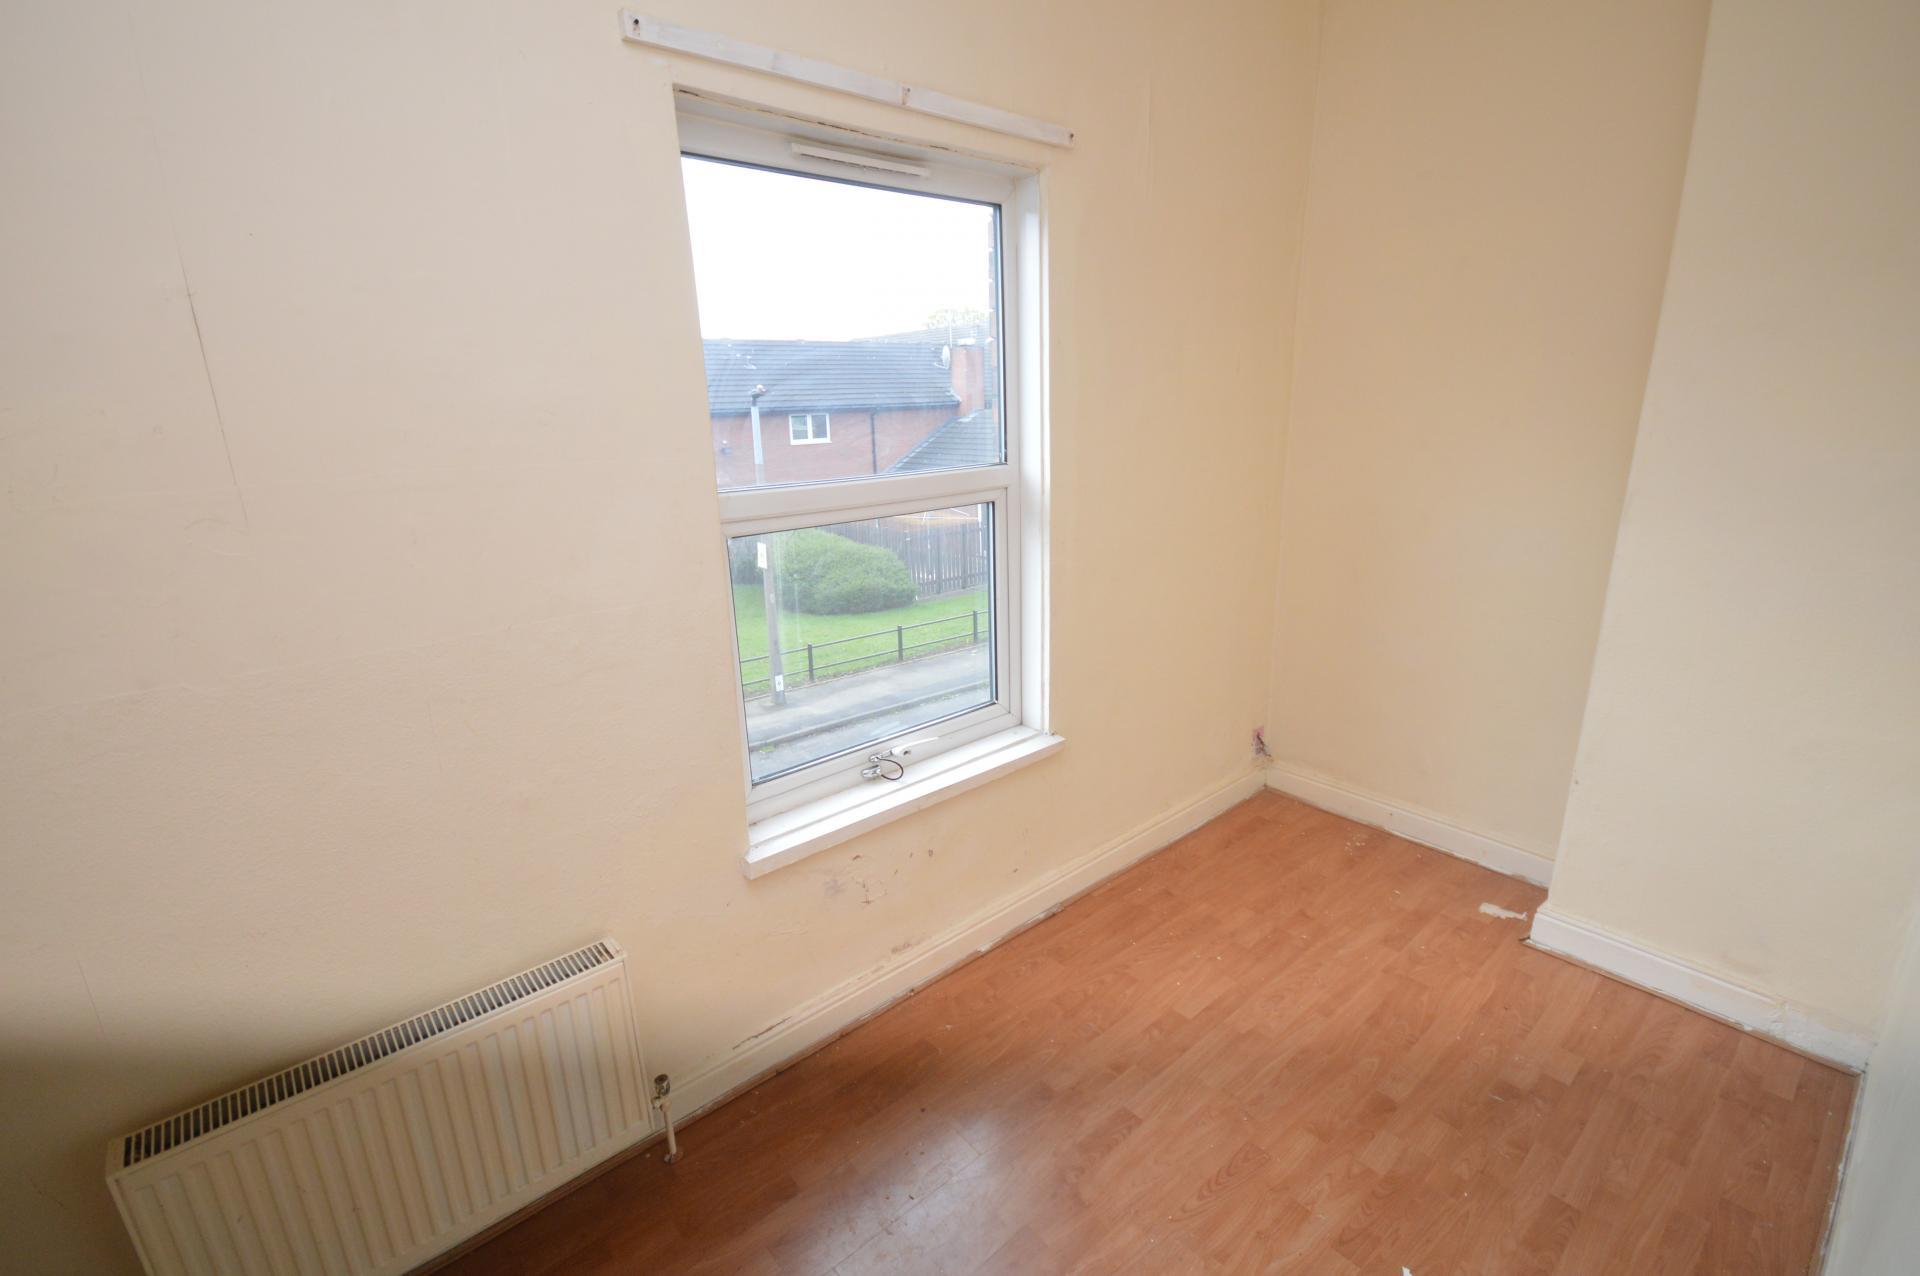 Bedroom Properties For Sale In Rotherham